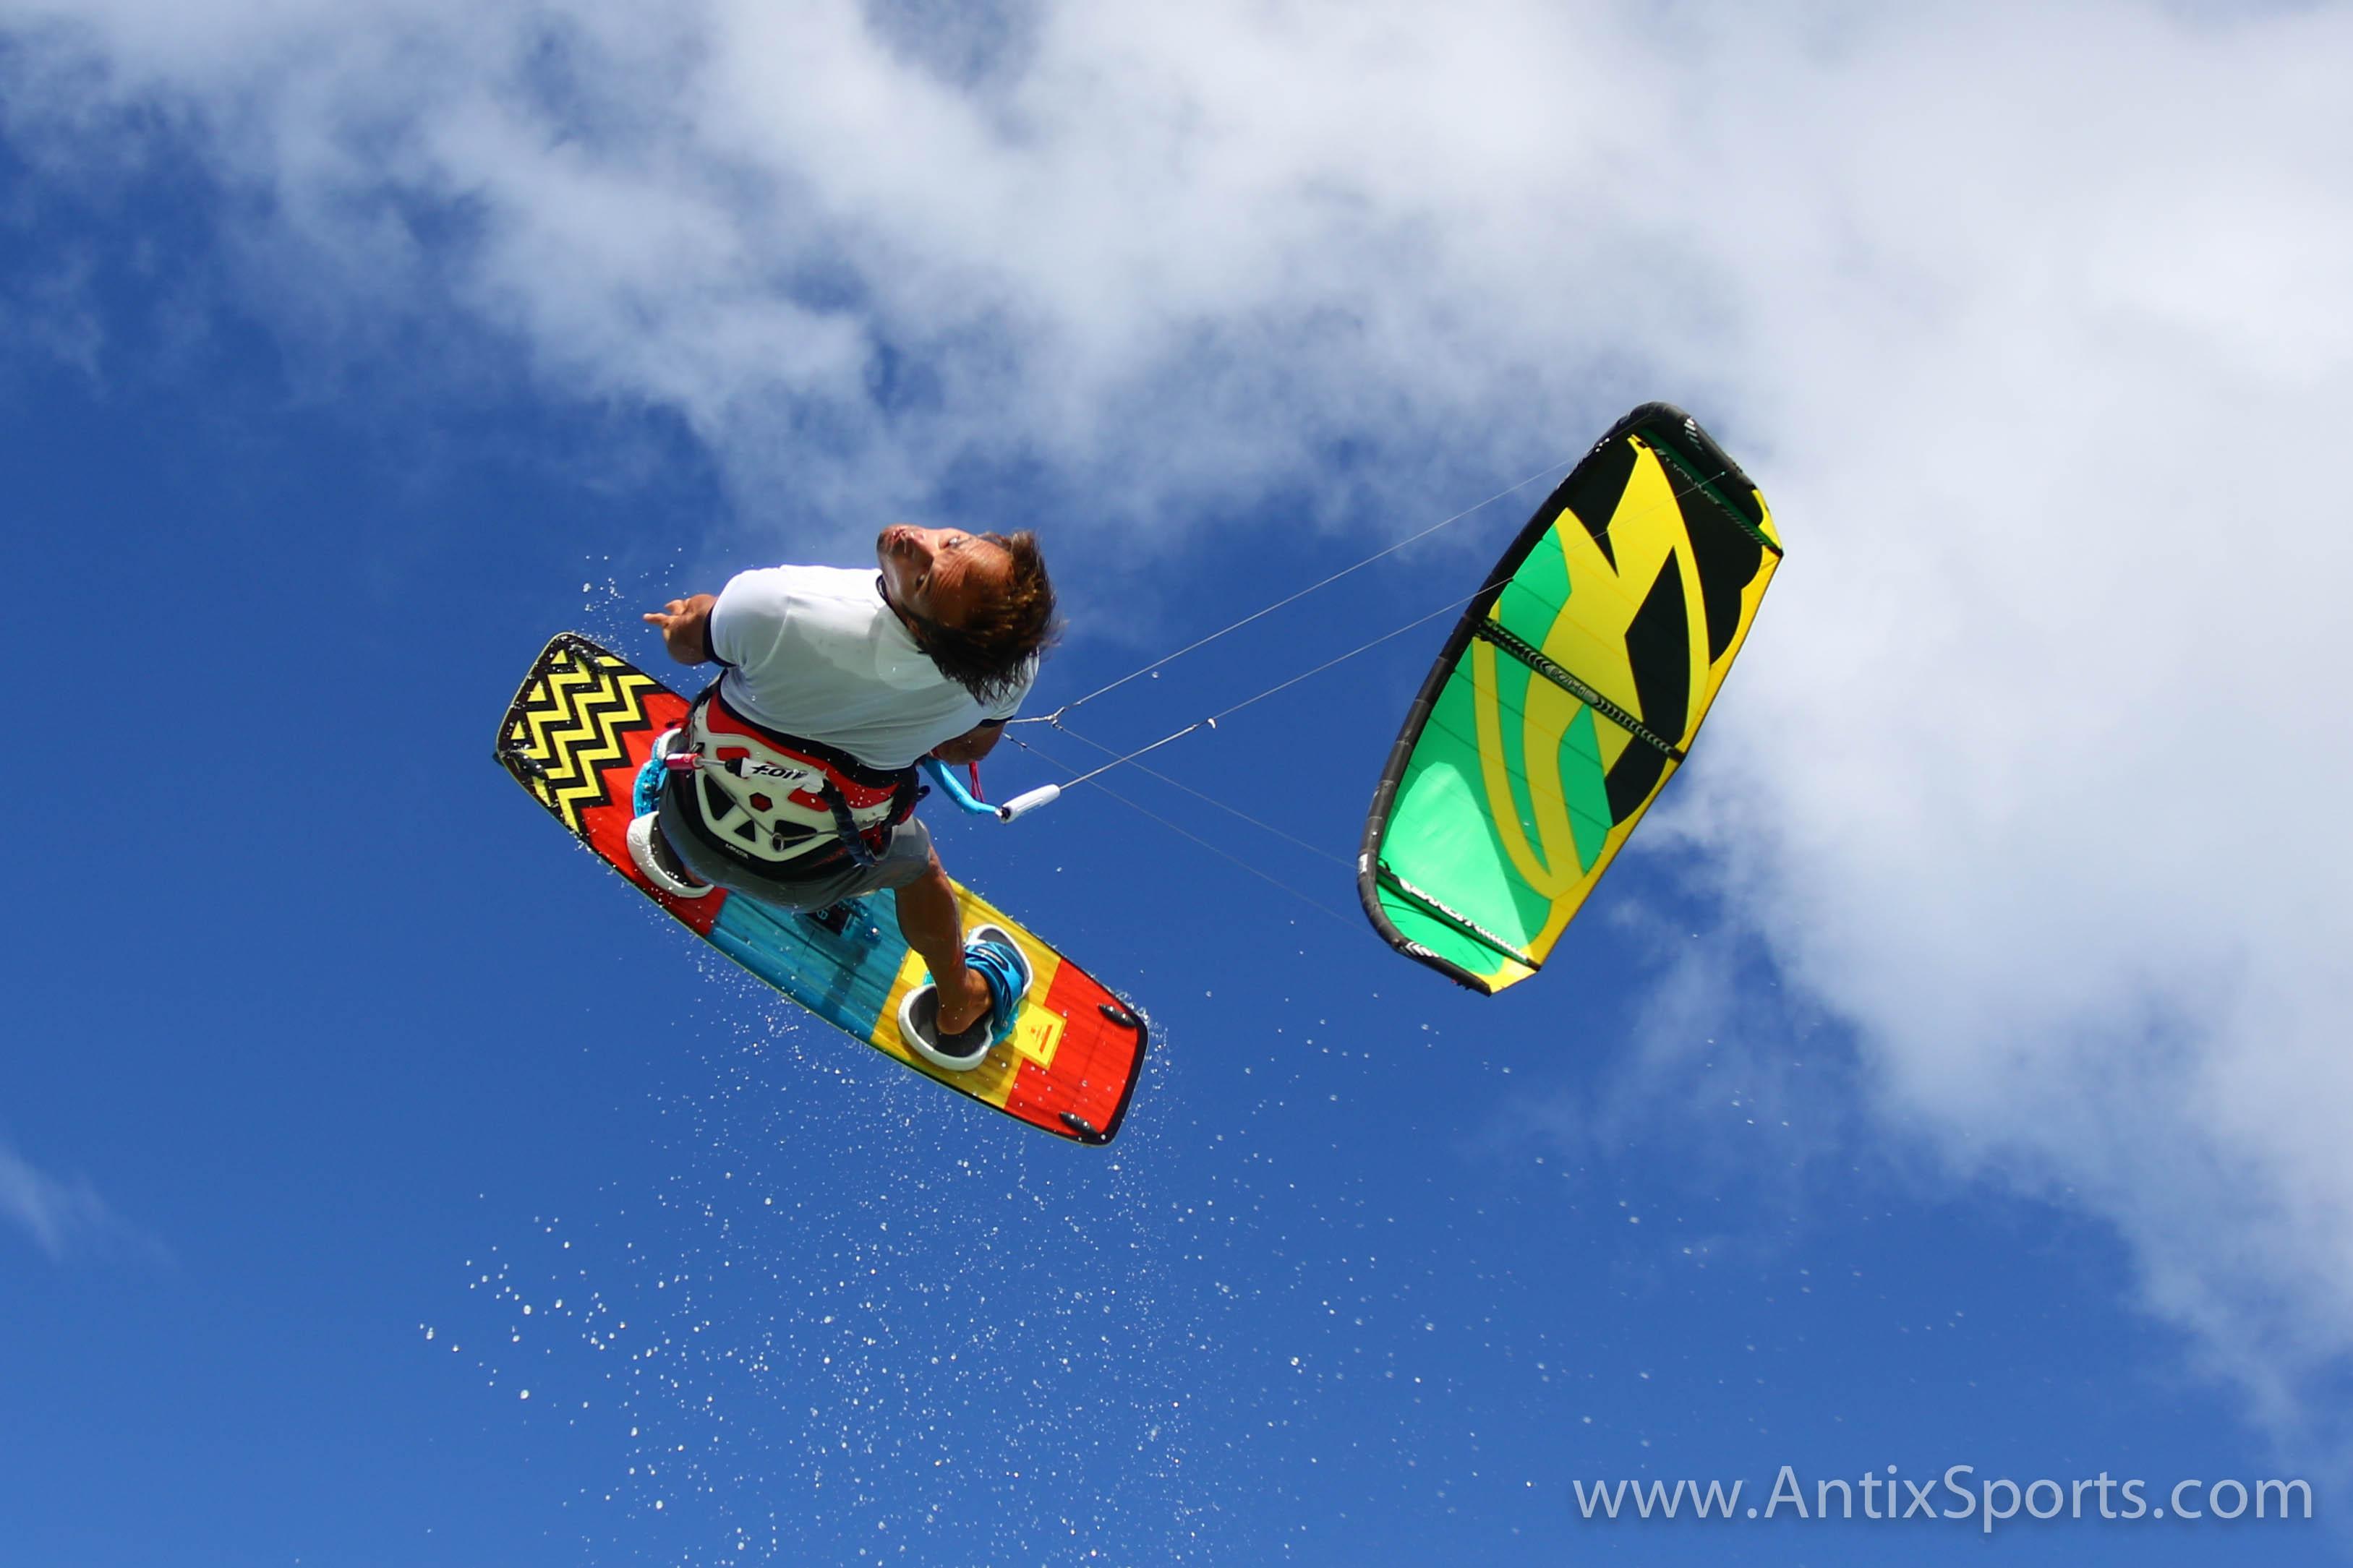 Win een kitesurfles voor 2 personen